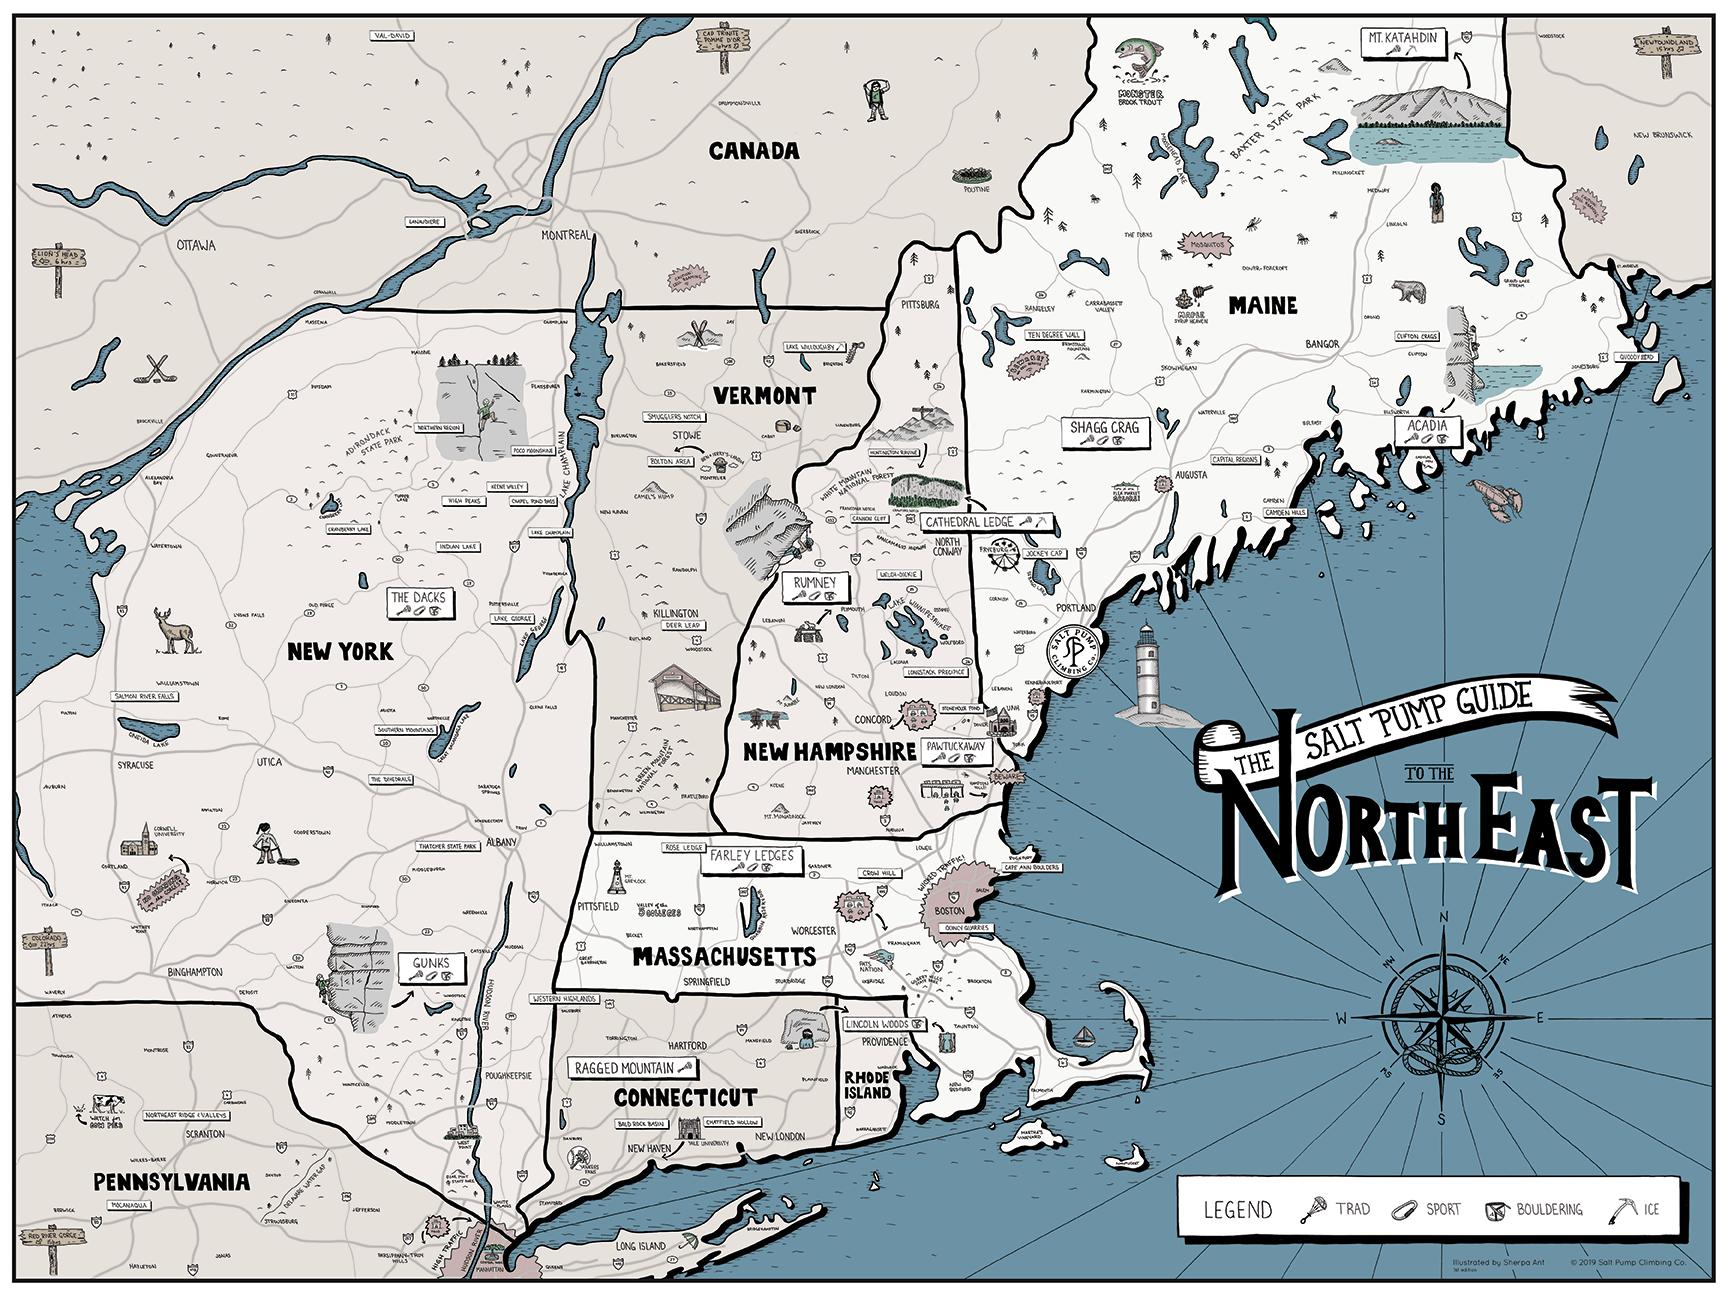 08-18_SaltPump-map_1stEDITION-FINAL